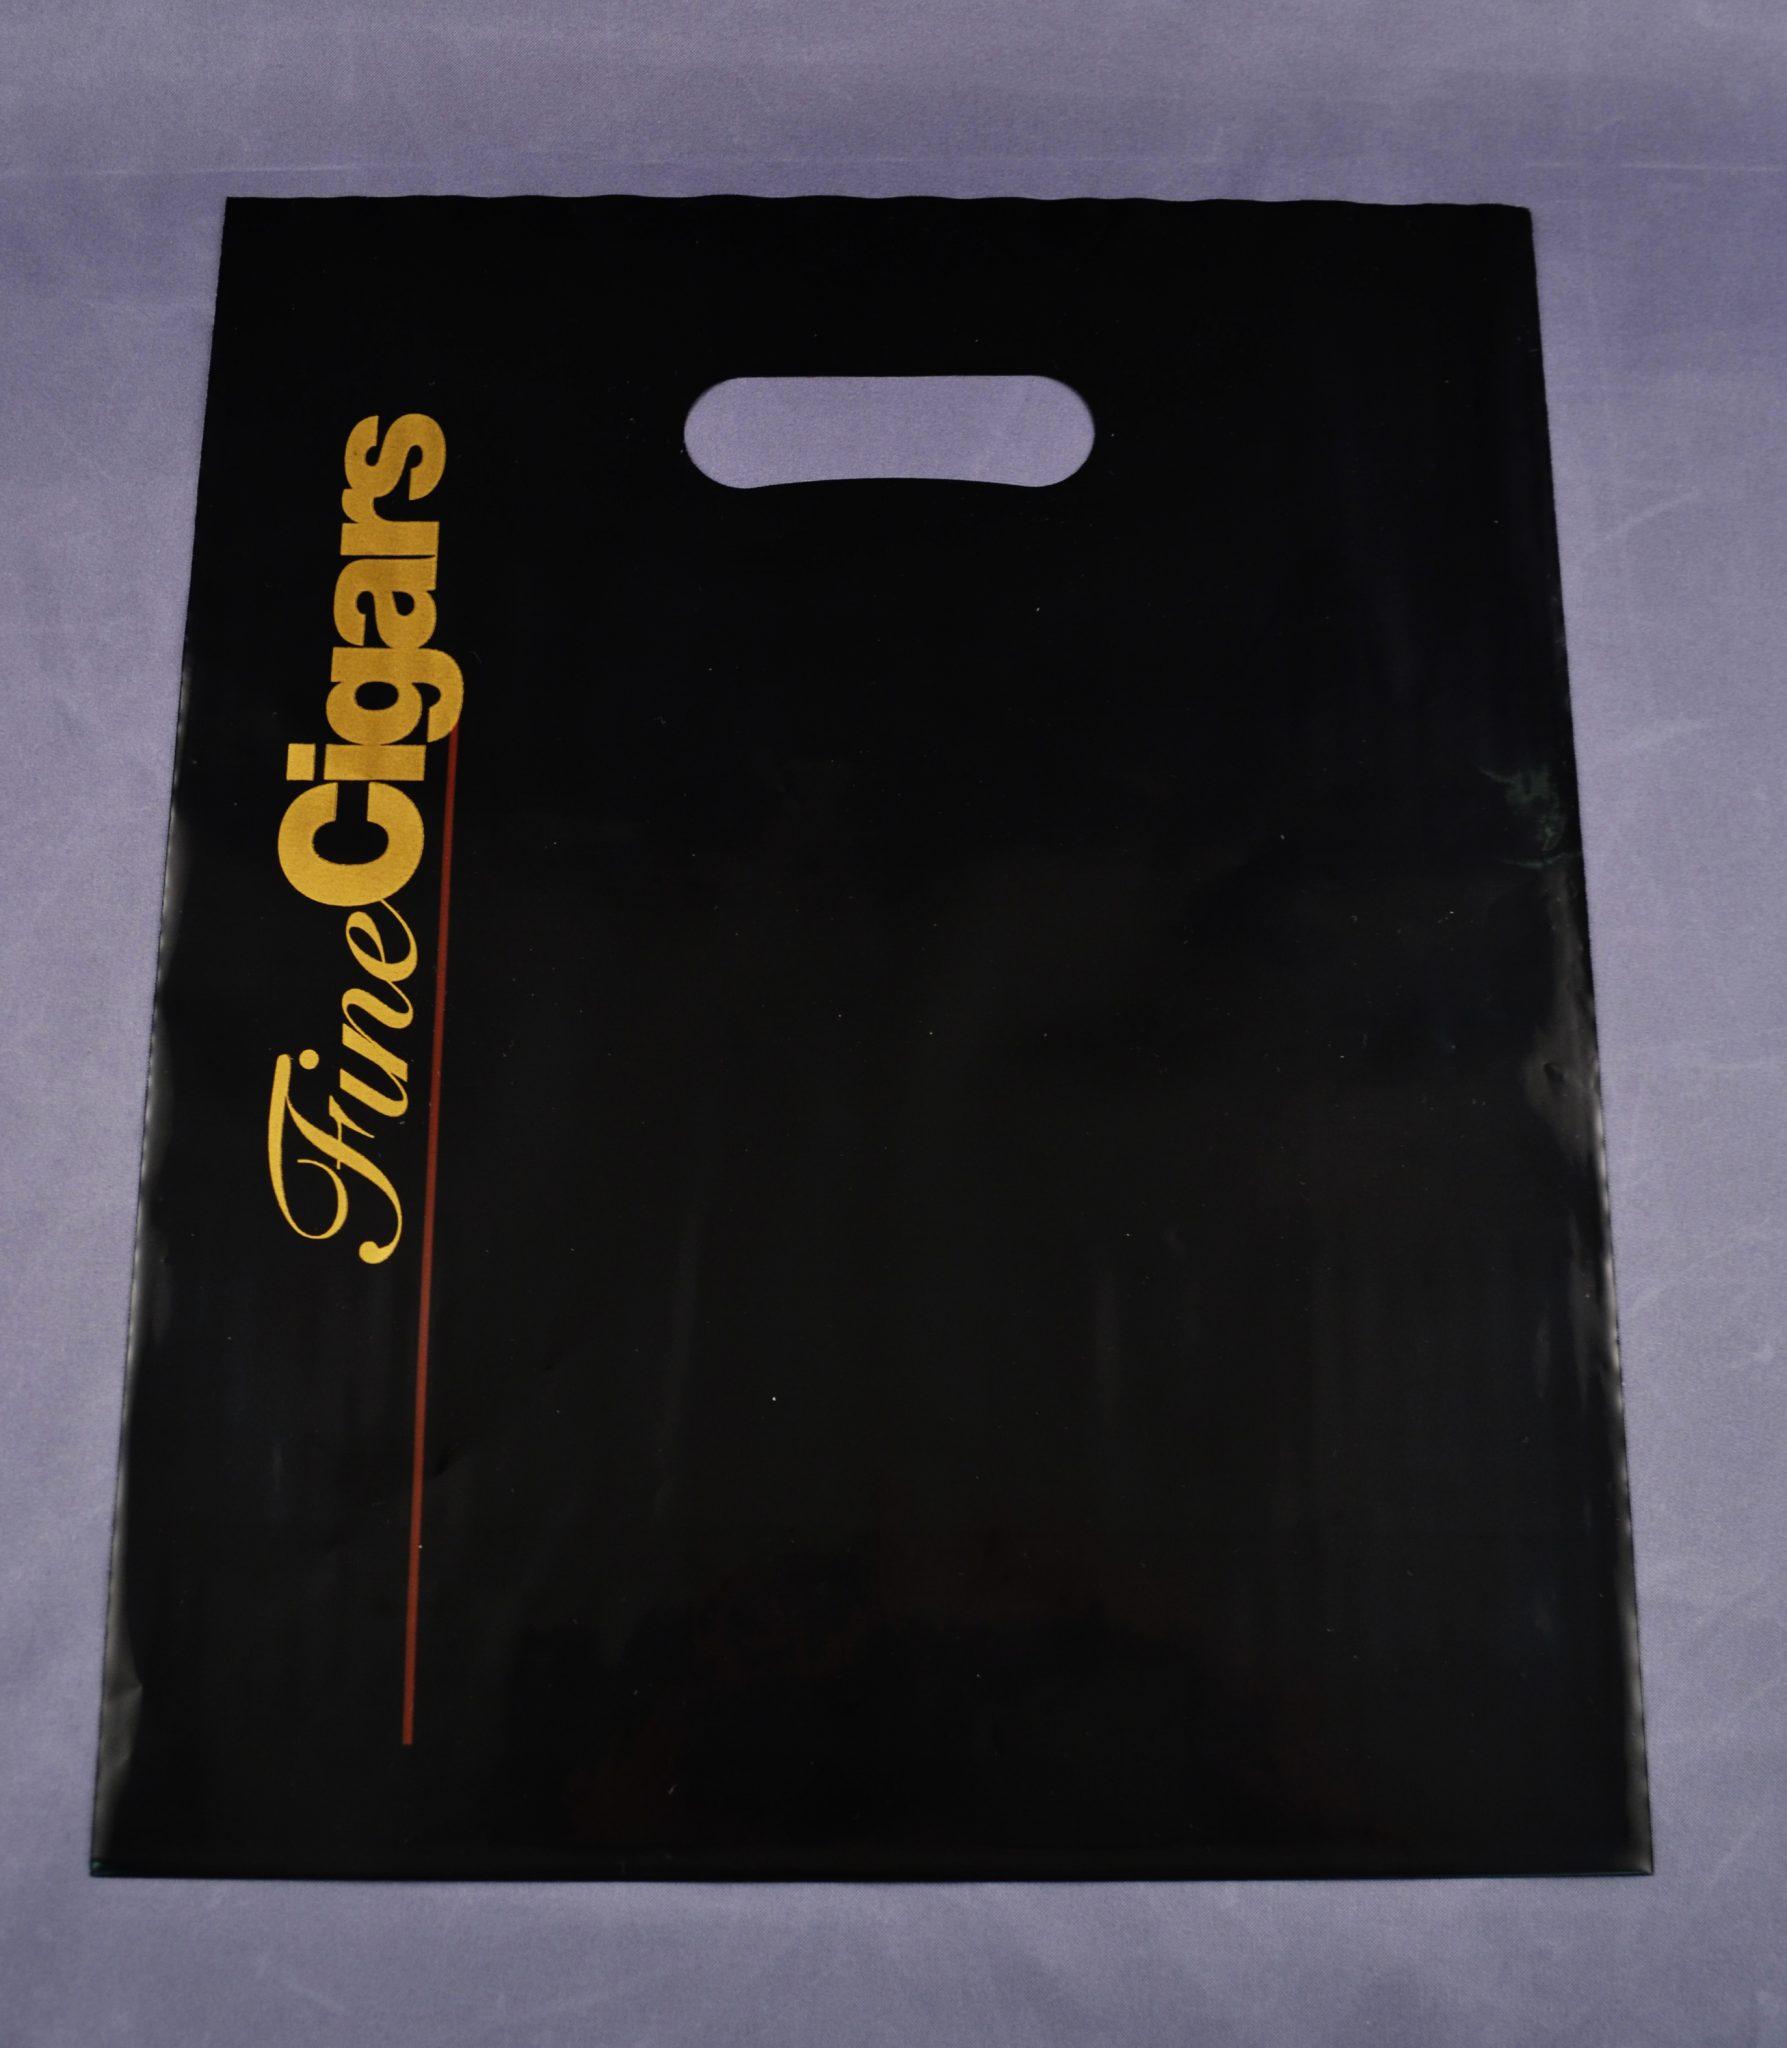 Fine Cigar Shopping Bag (case of 1000)